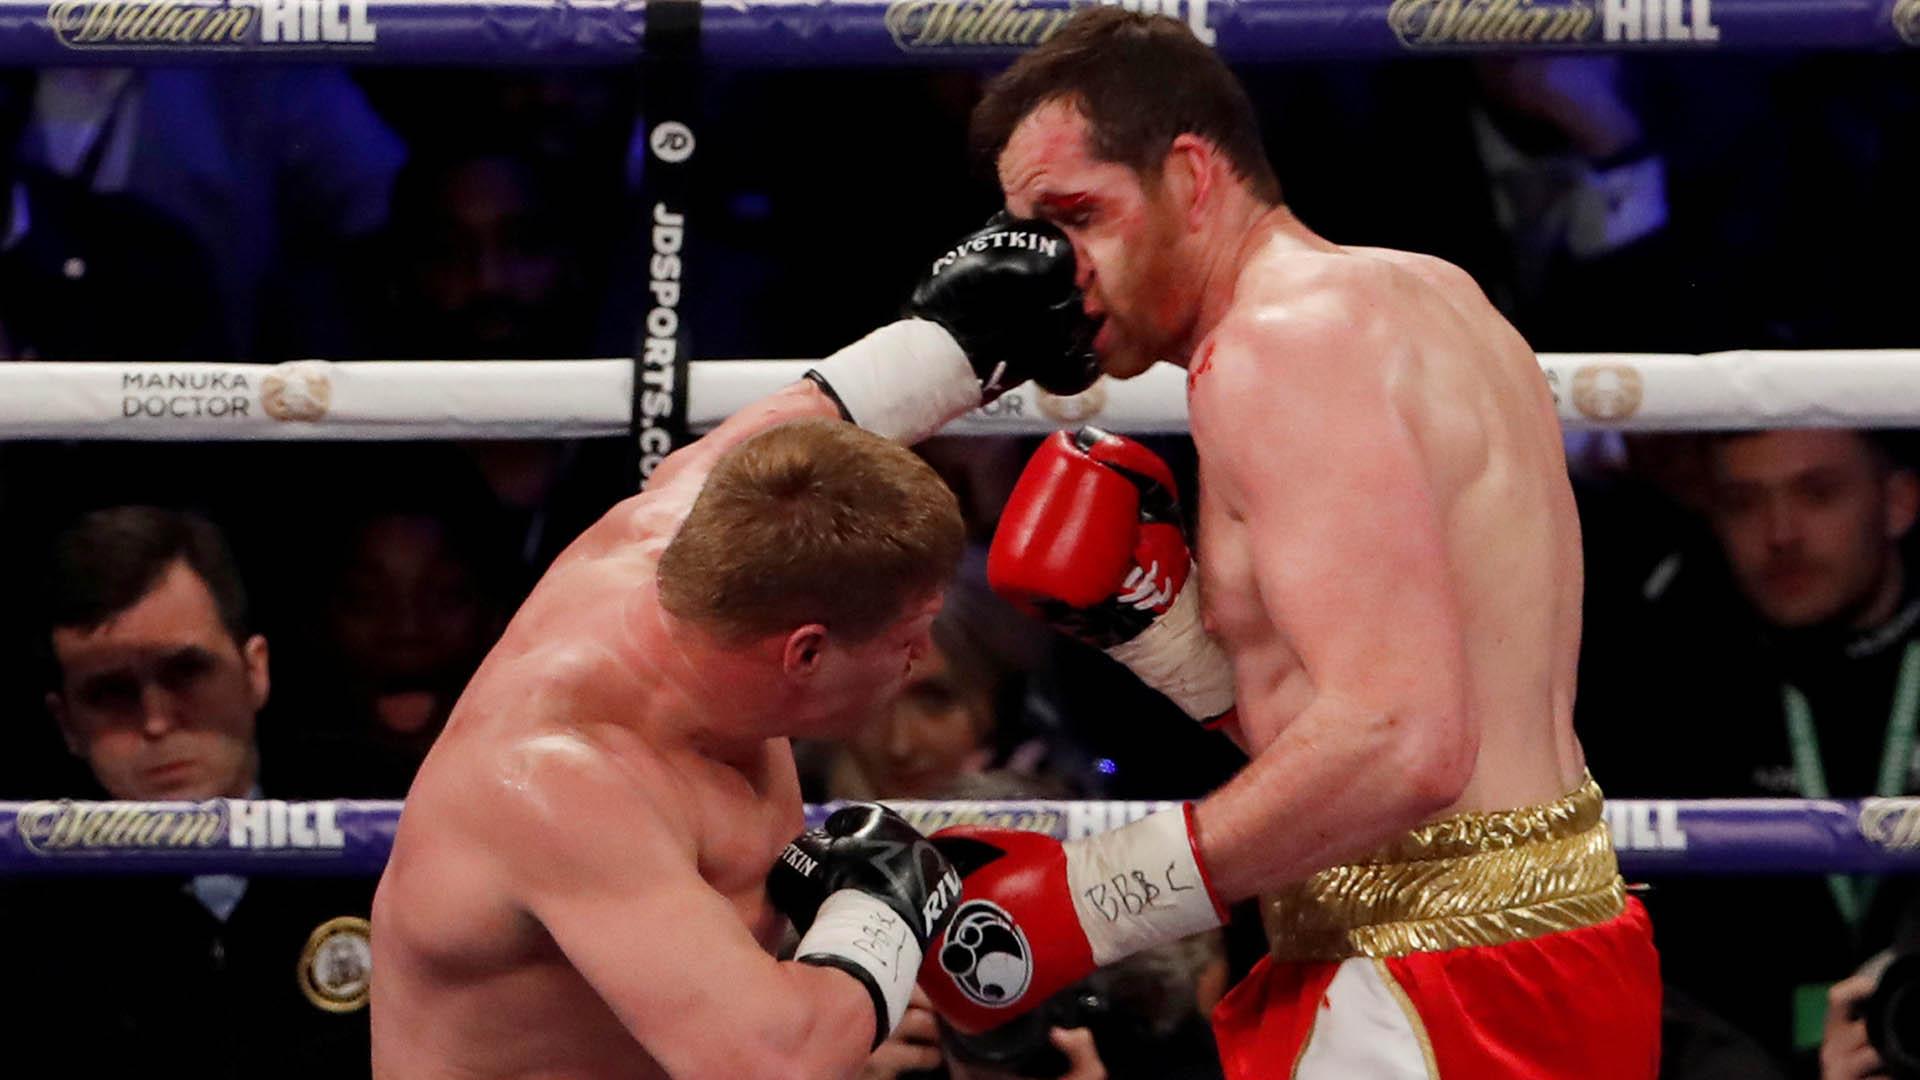 Espectacular KO de Povetkin sobre Price; otros resultados desde Gales